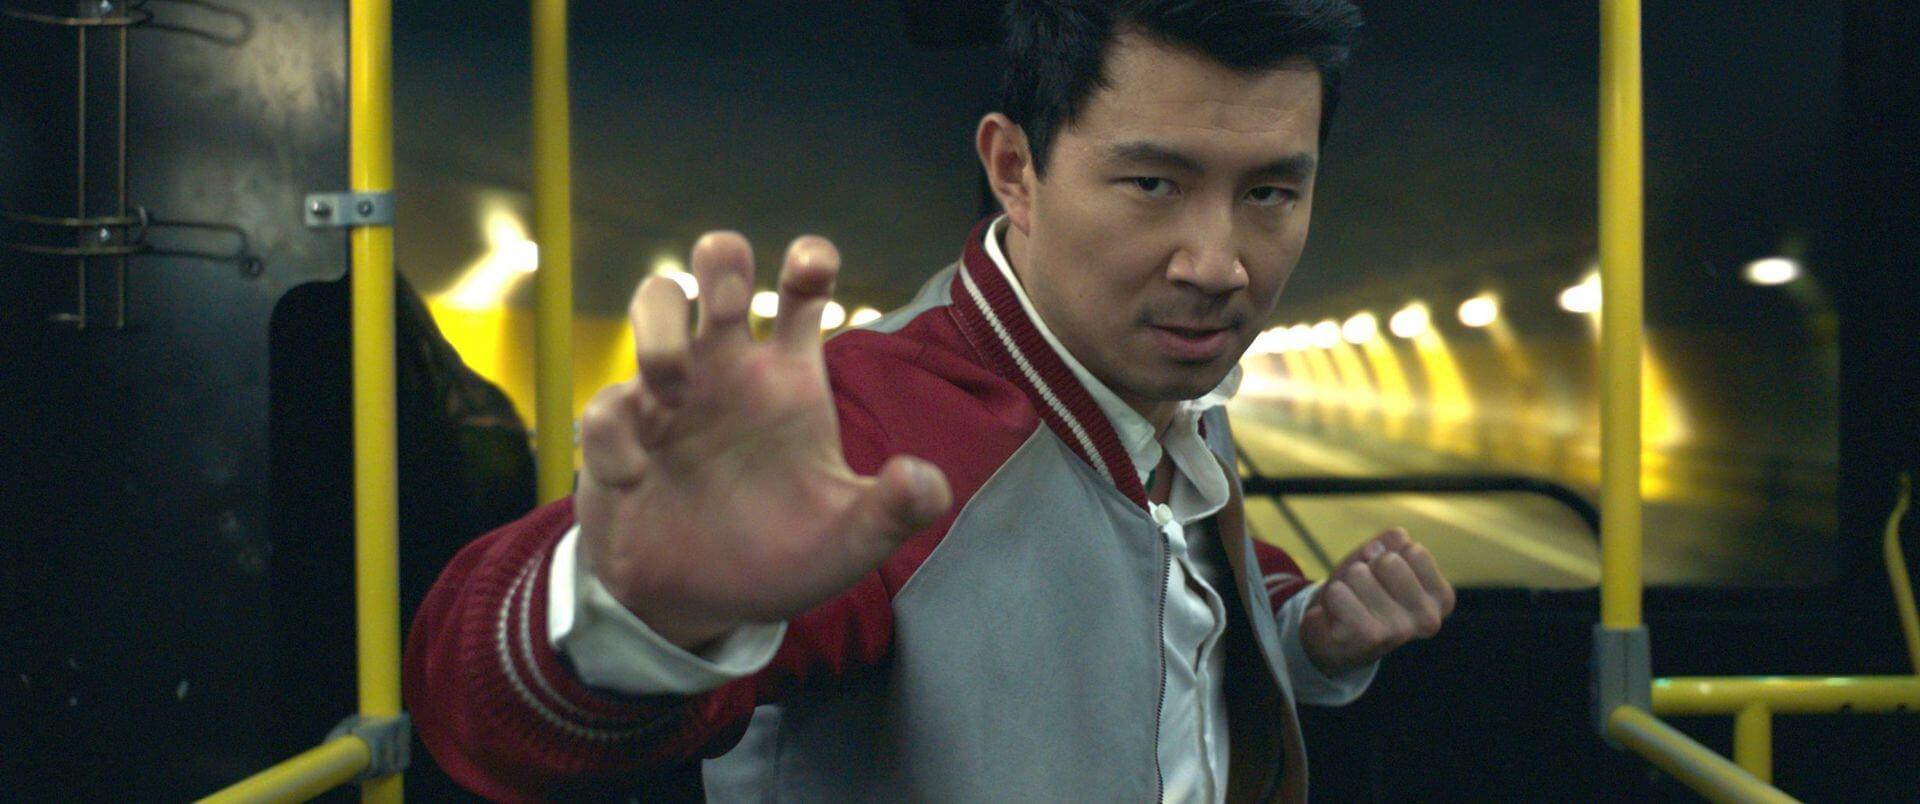 『ドクター・ストレンジ』にも登場するウォンが『シャン・チー/テン・リングスの伝説』で活躍する!?予告編にも登場 film210902_shang_chi_1